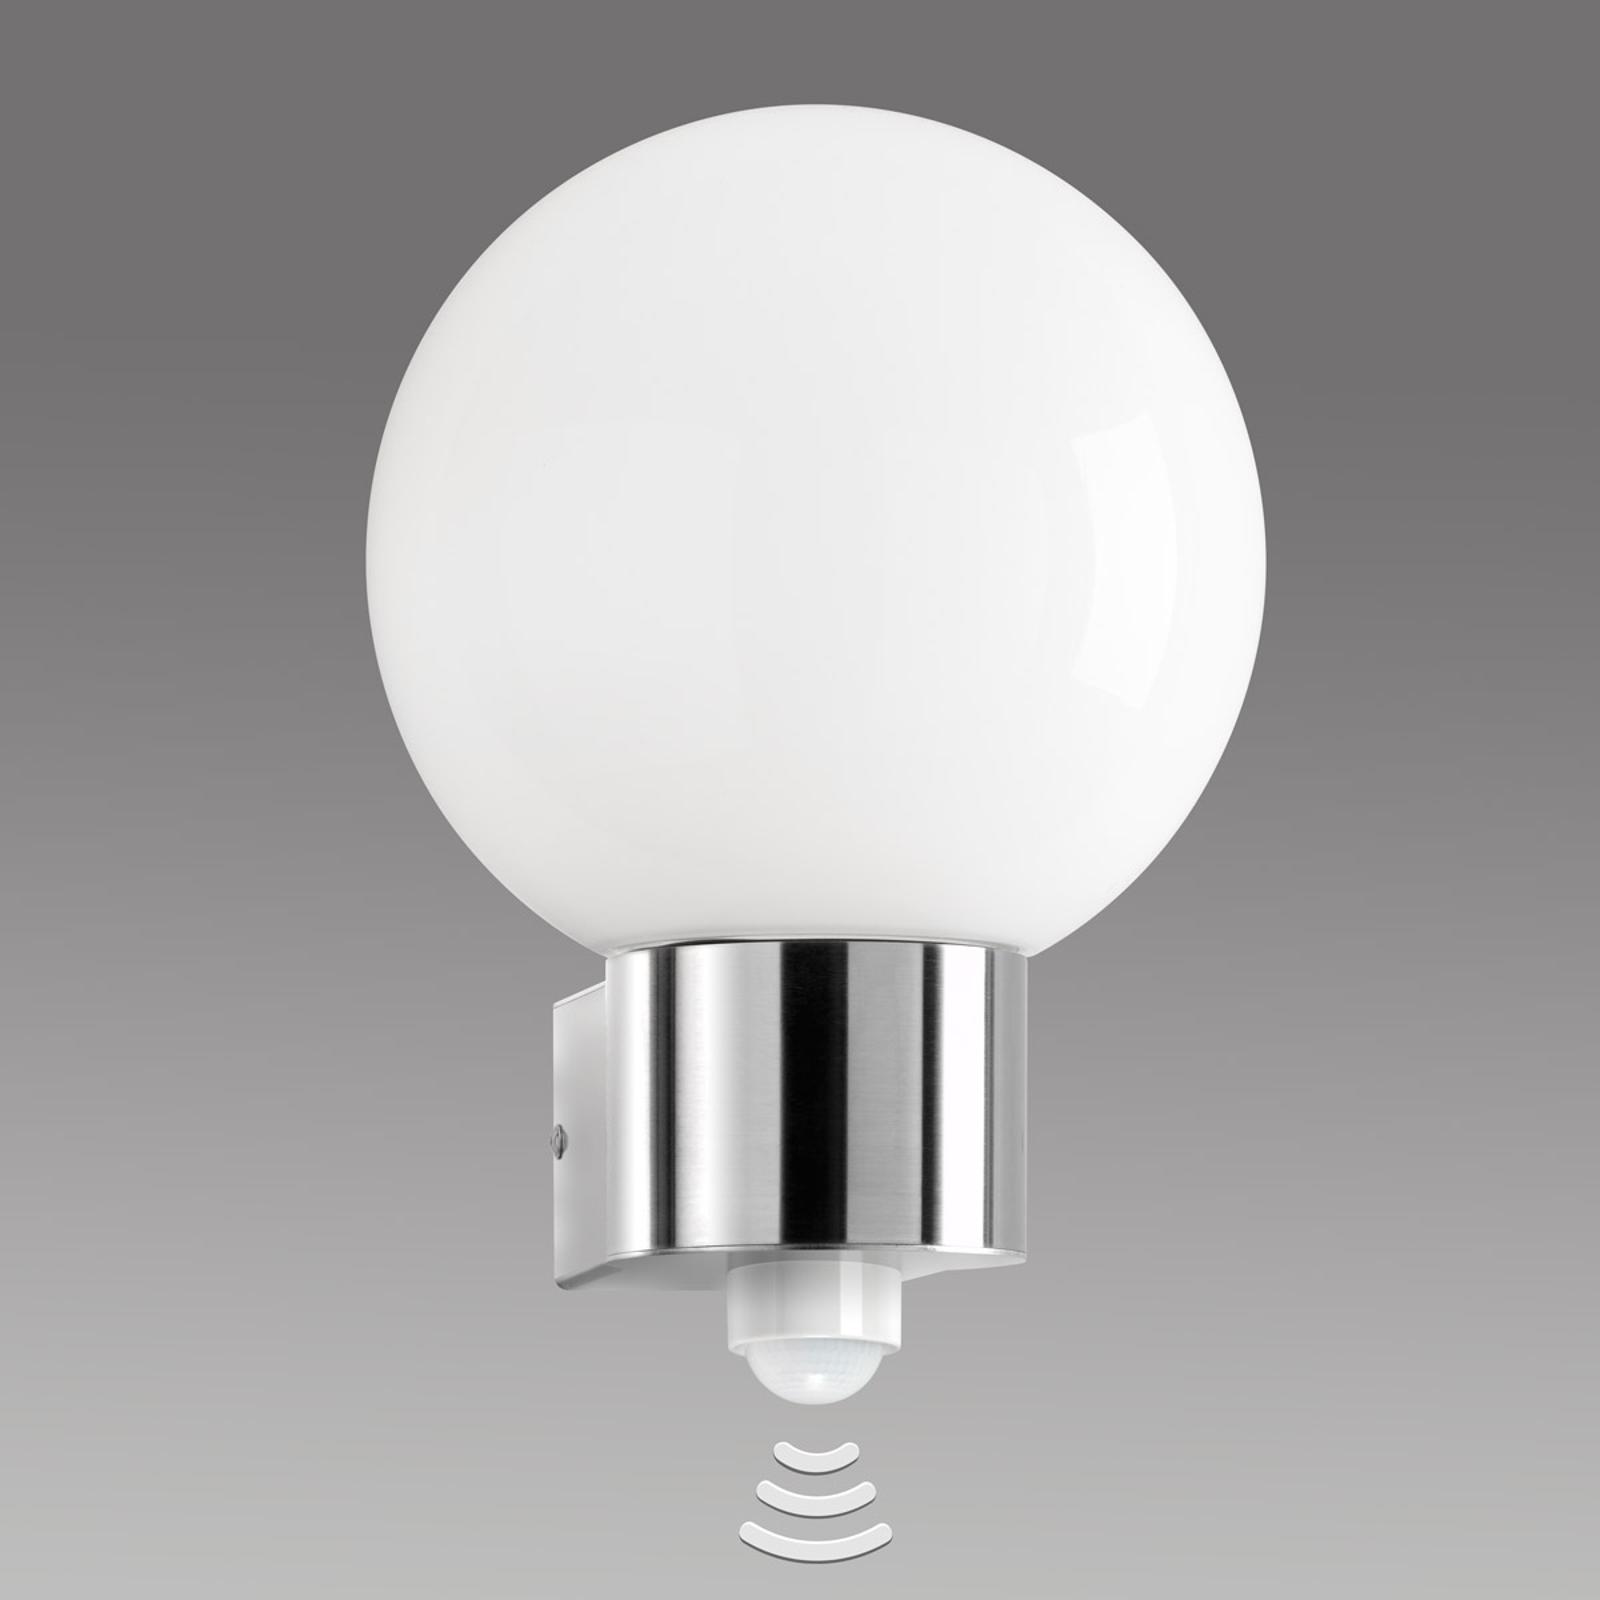 Lampada da parete per esterni KEKOA con sensore